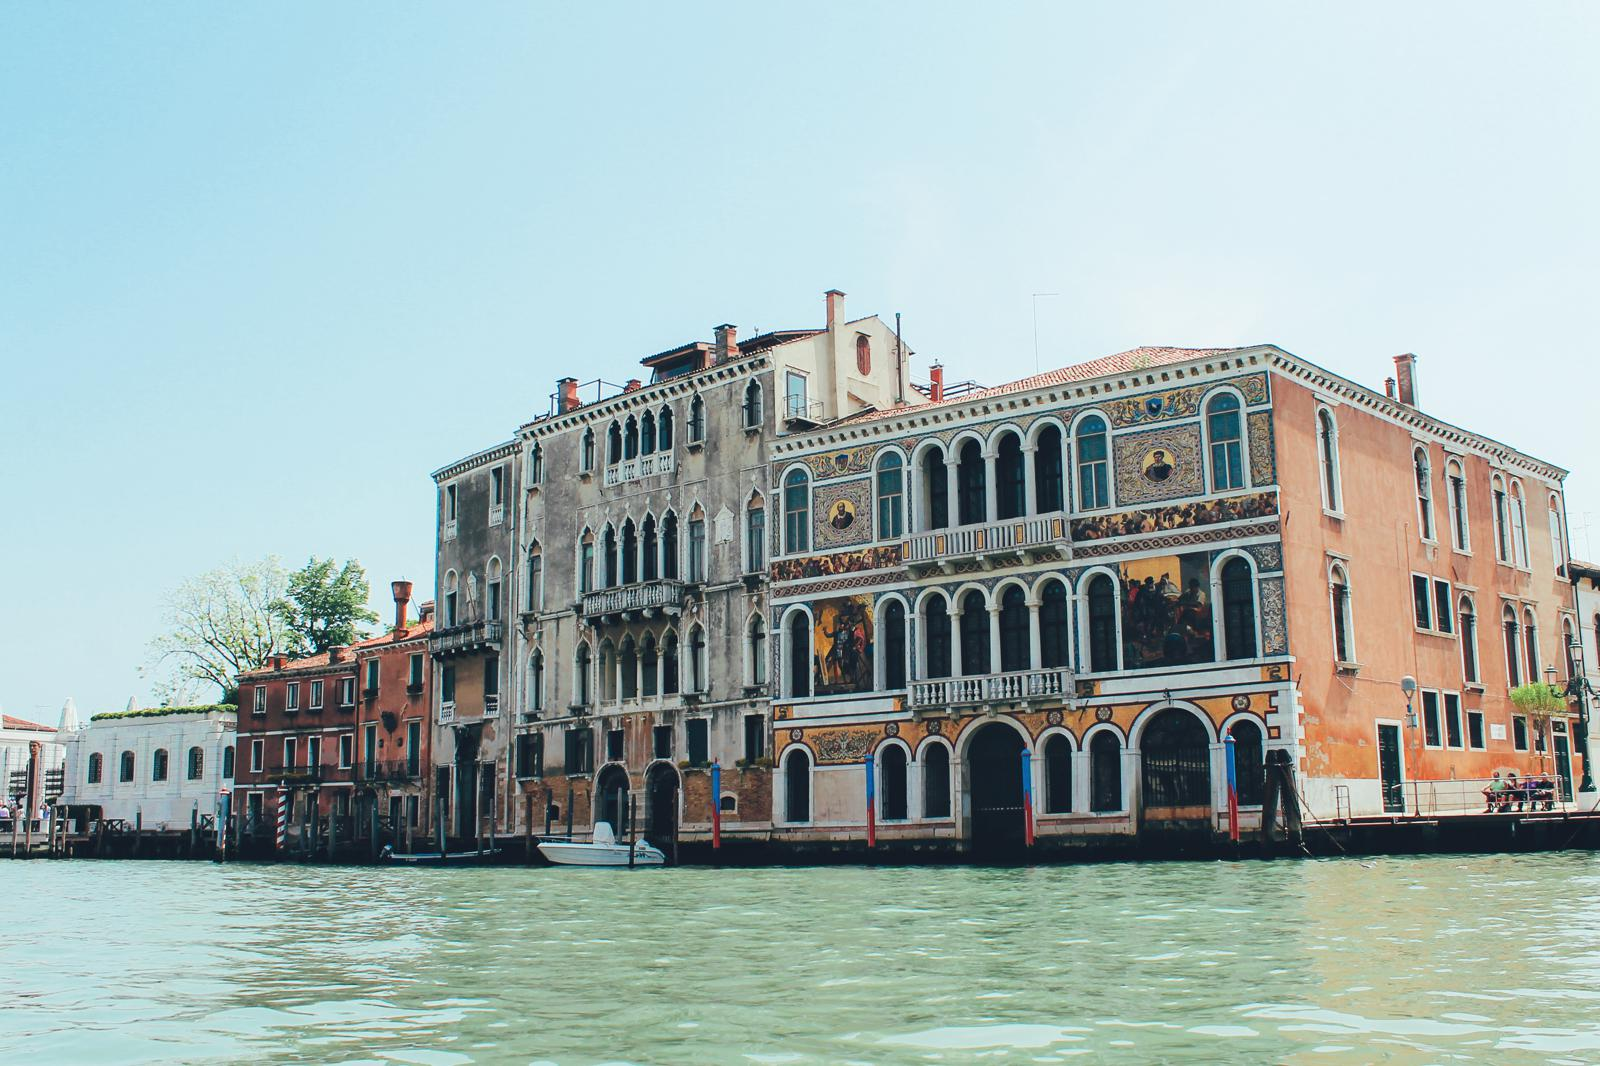 Venice - A Photo Diary. Italy, Europe (12)